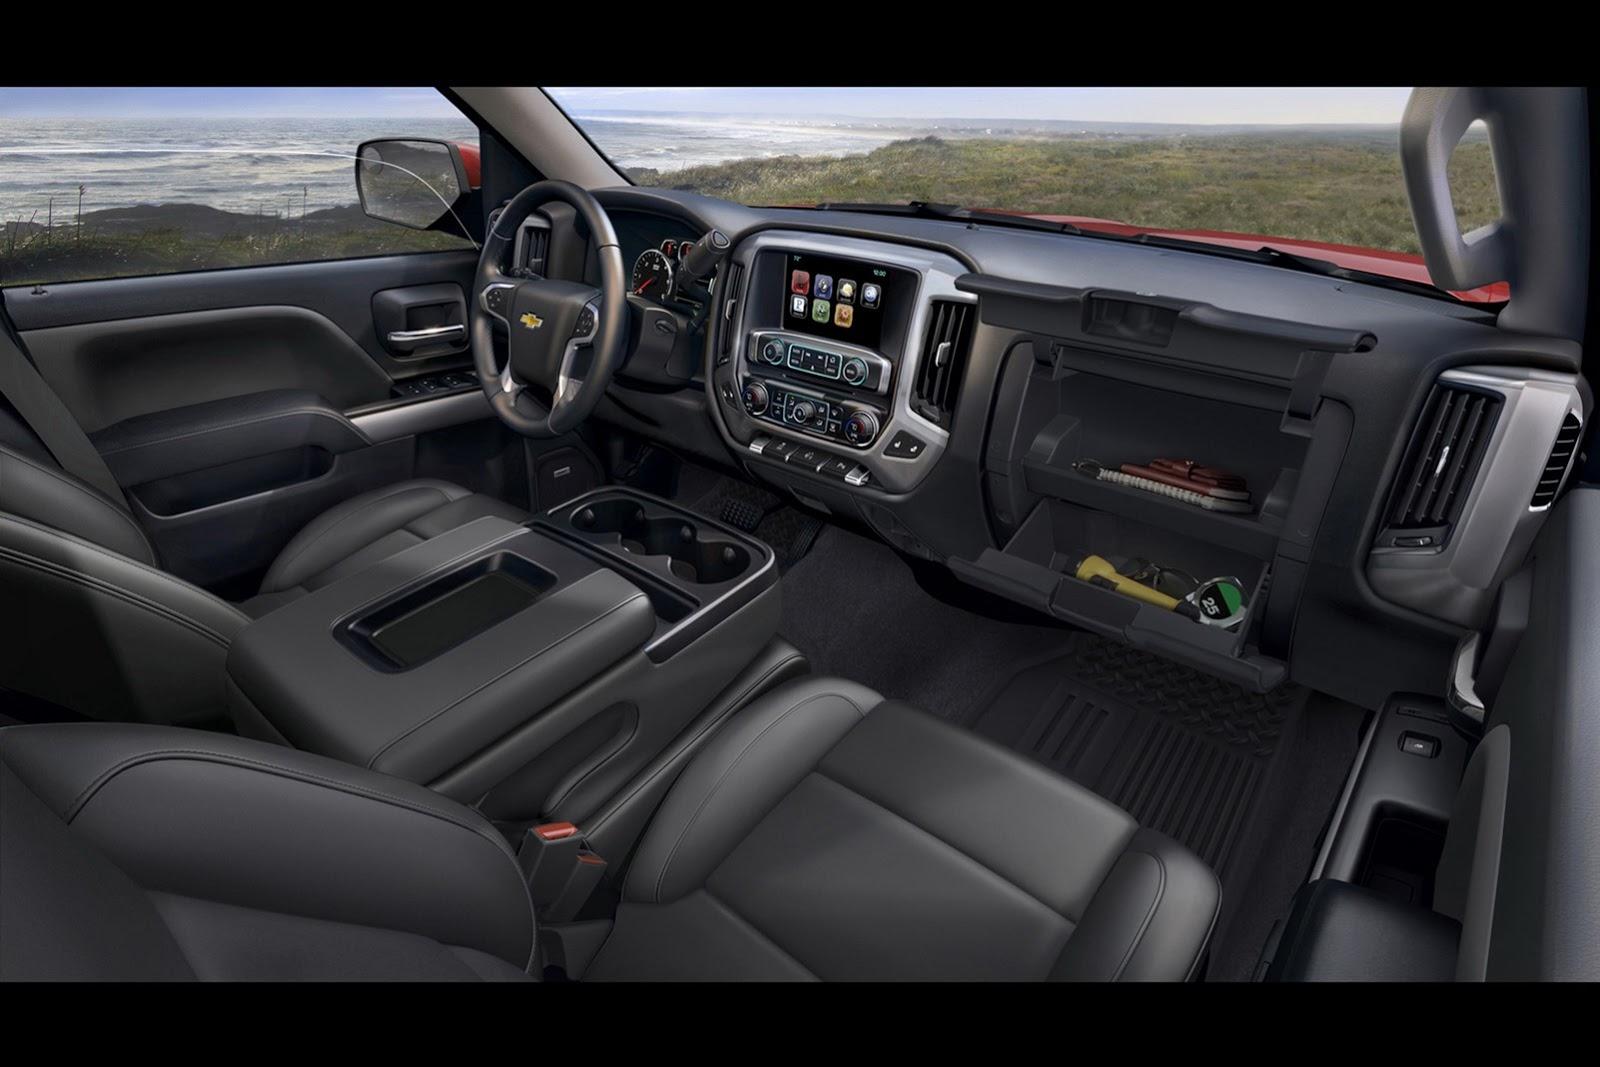 2014 Chevrolet Silverado Pricing and Specs Announced  autoevolution